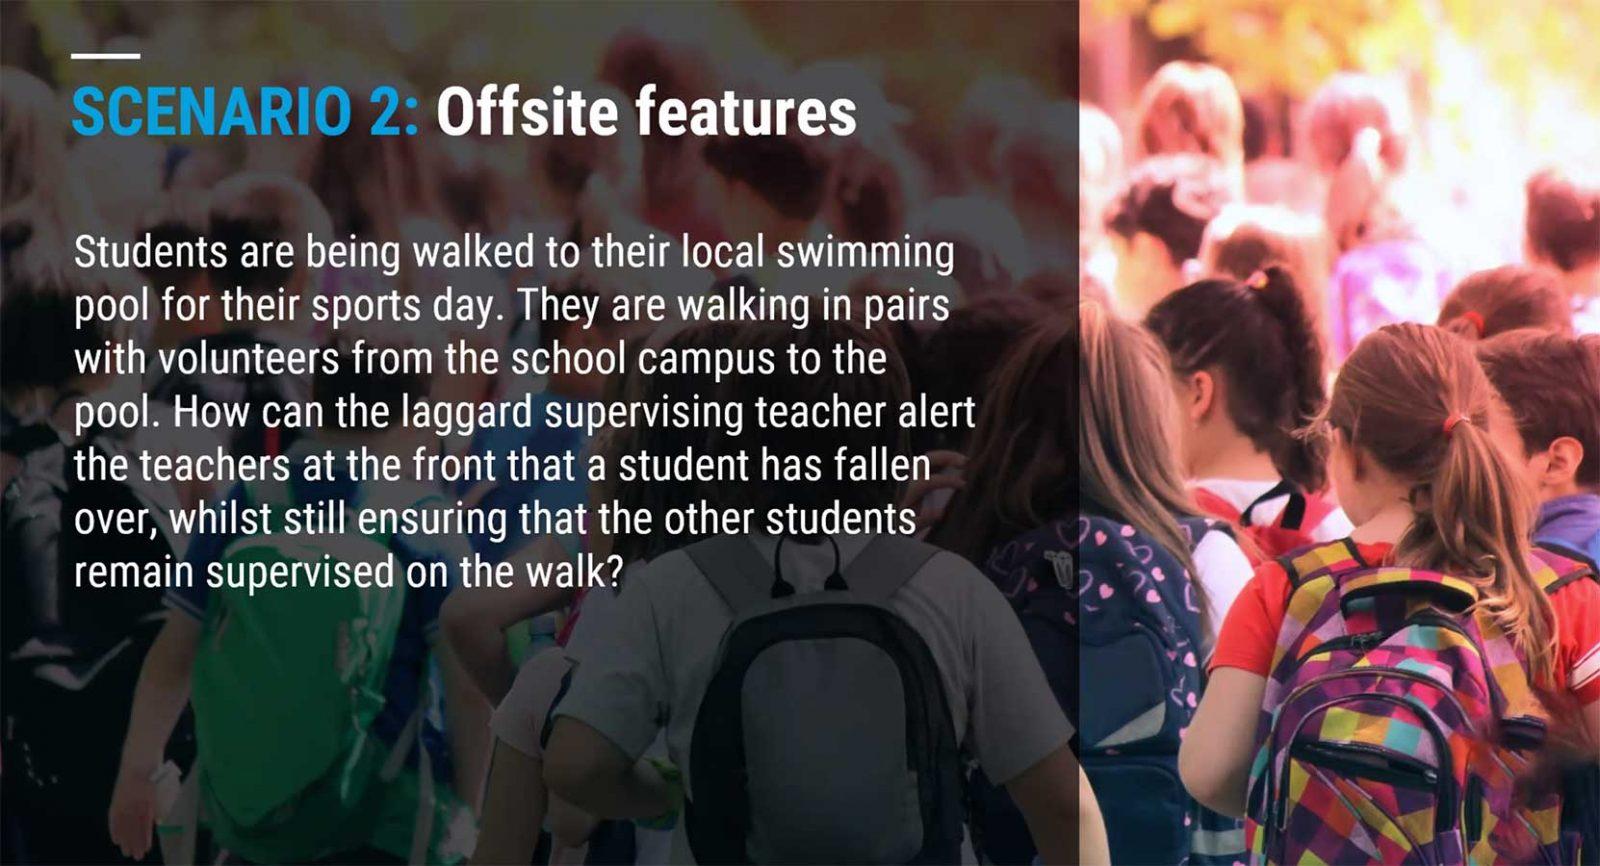 School offsite features